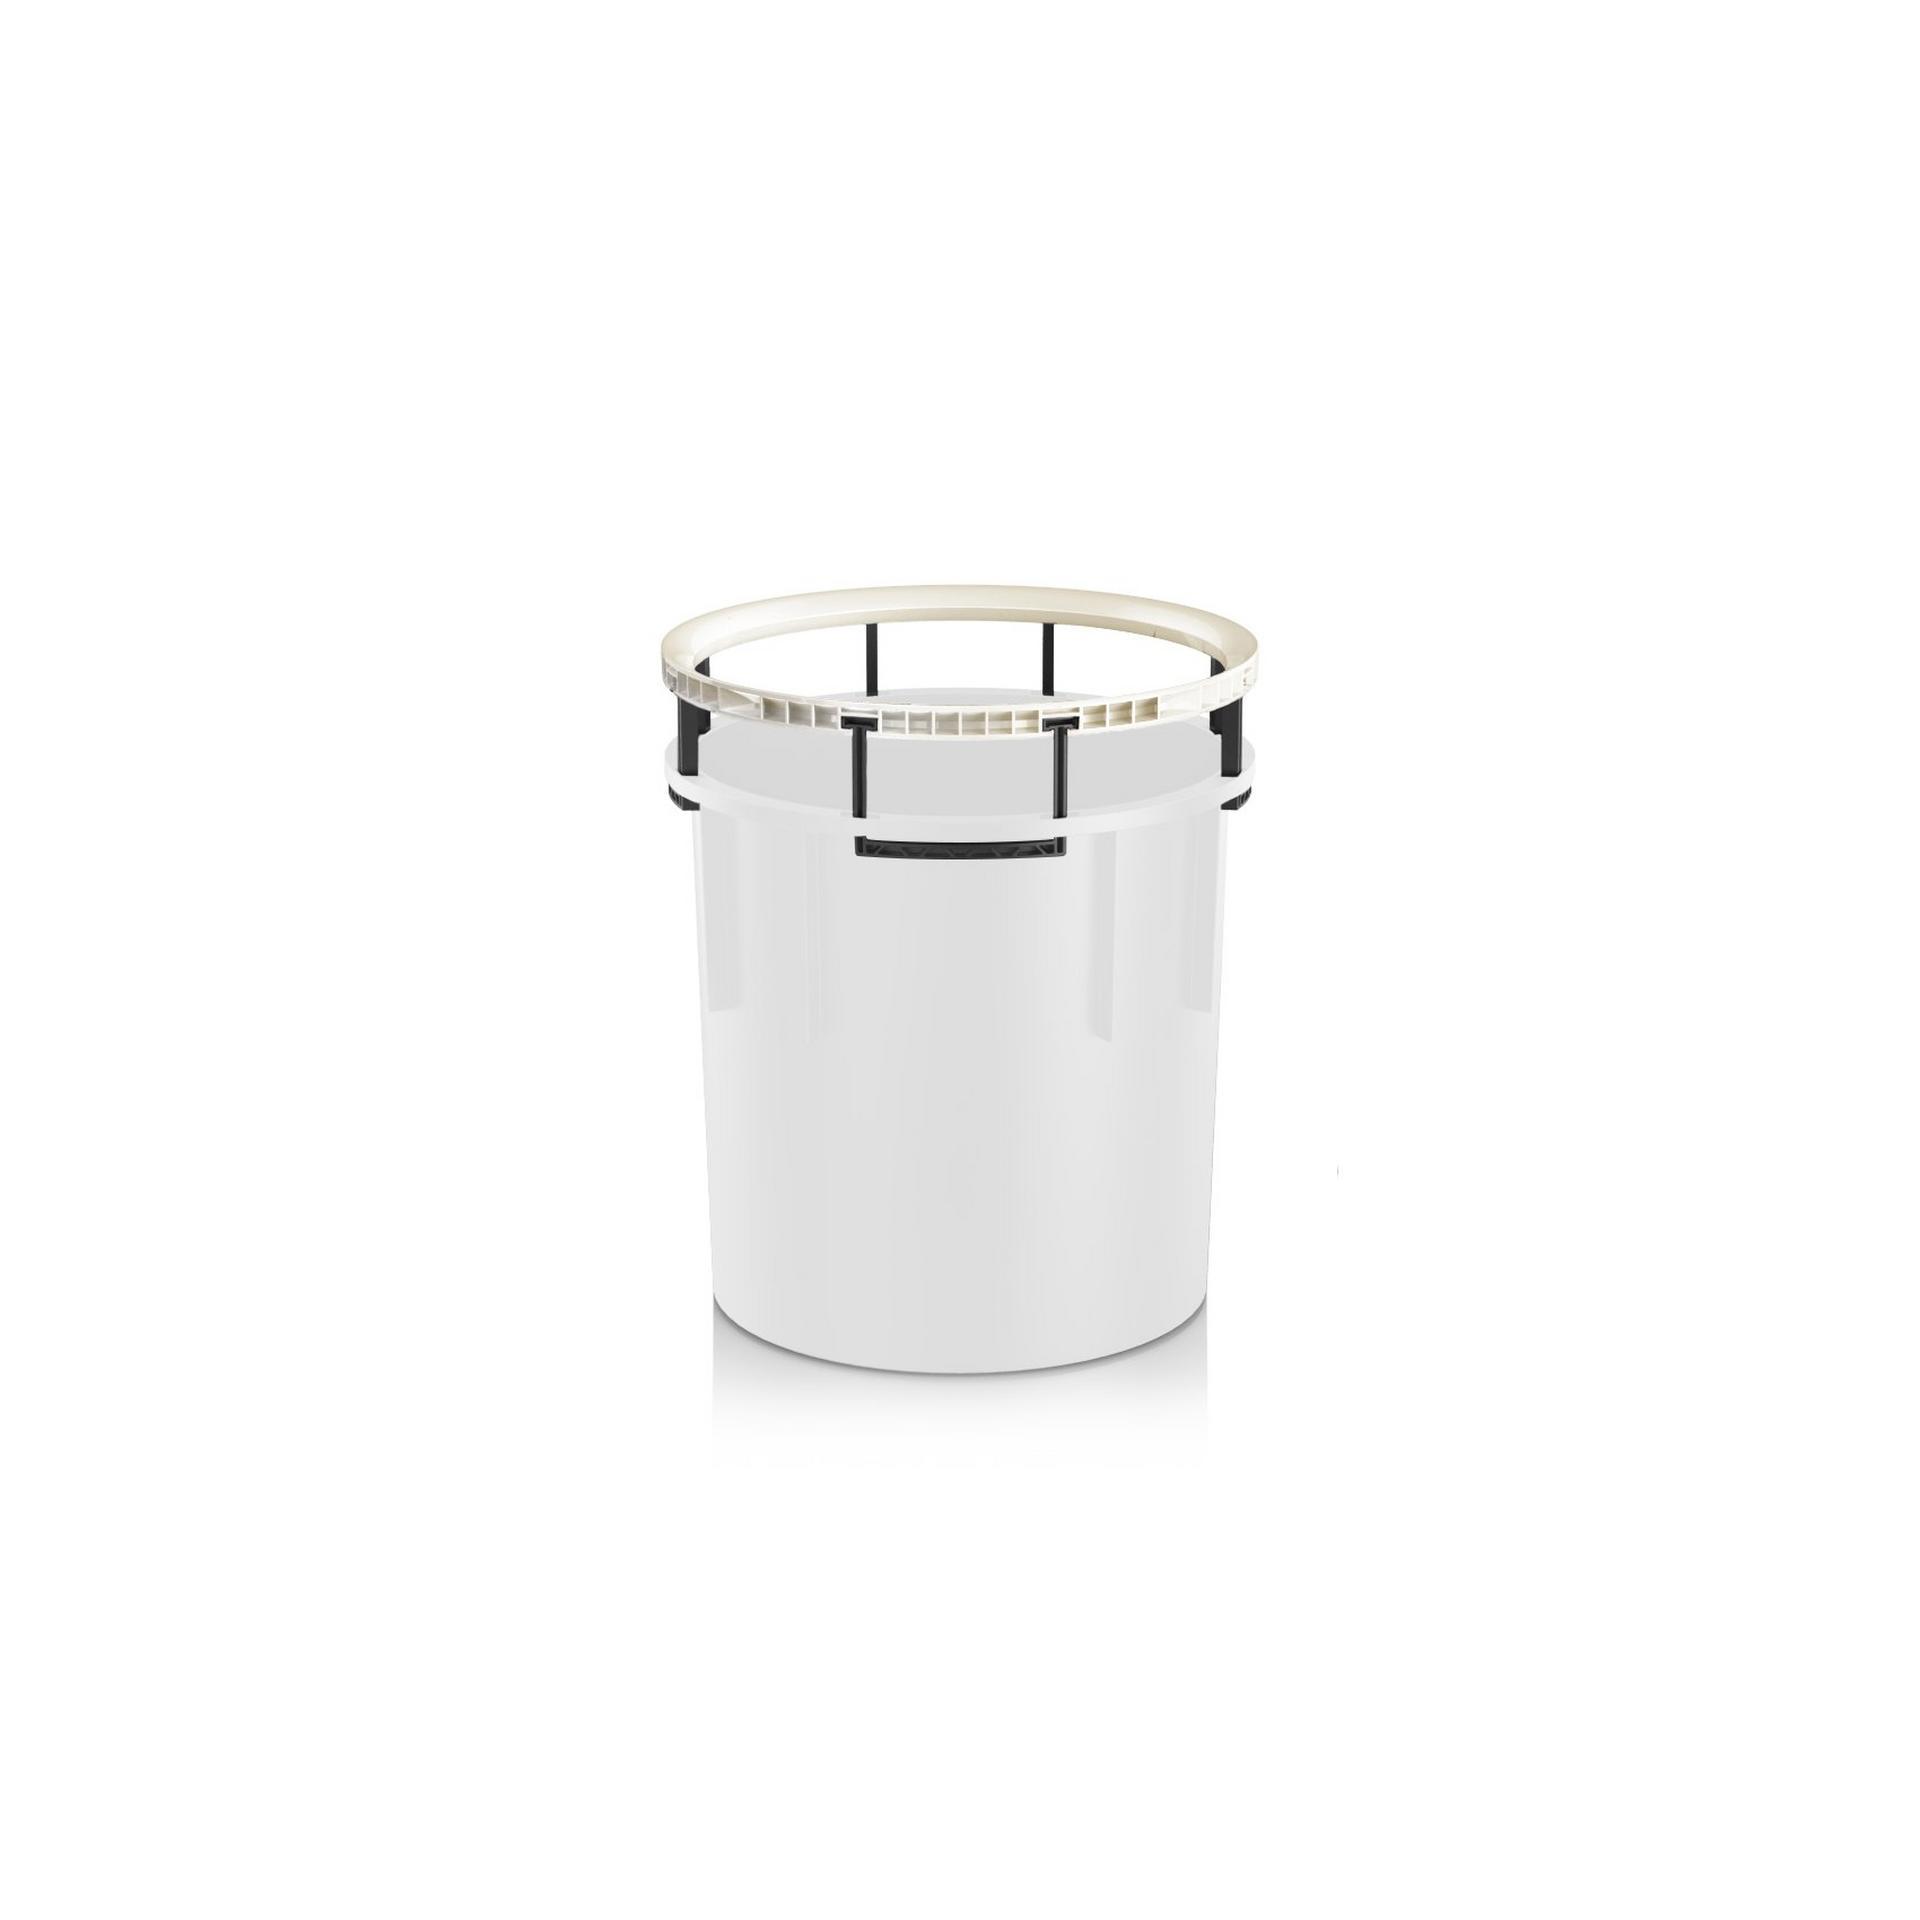 Frame handle for RONDO 40 | DIAMANTE 40 white high-gloss